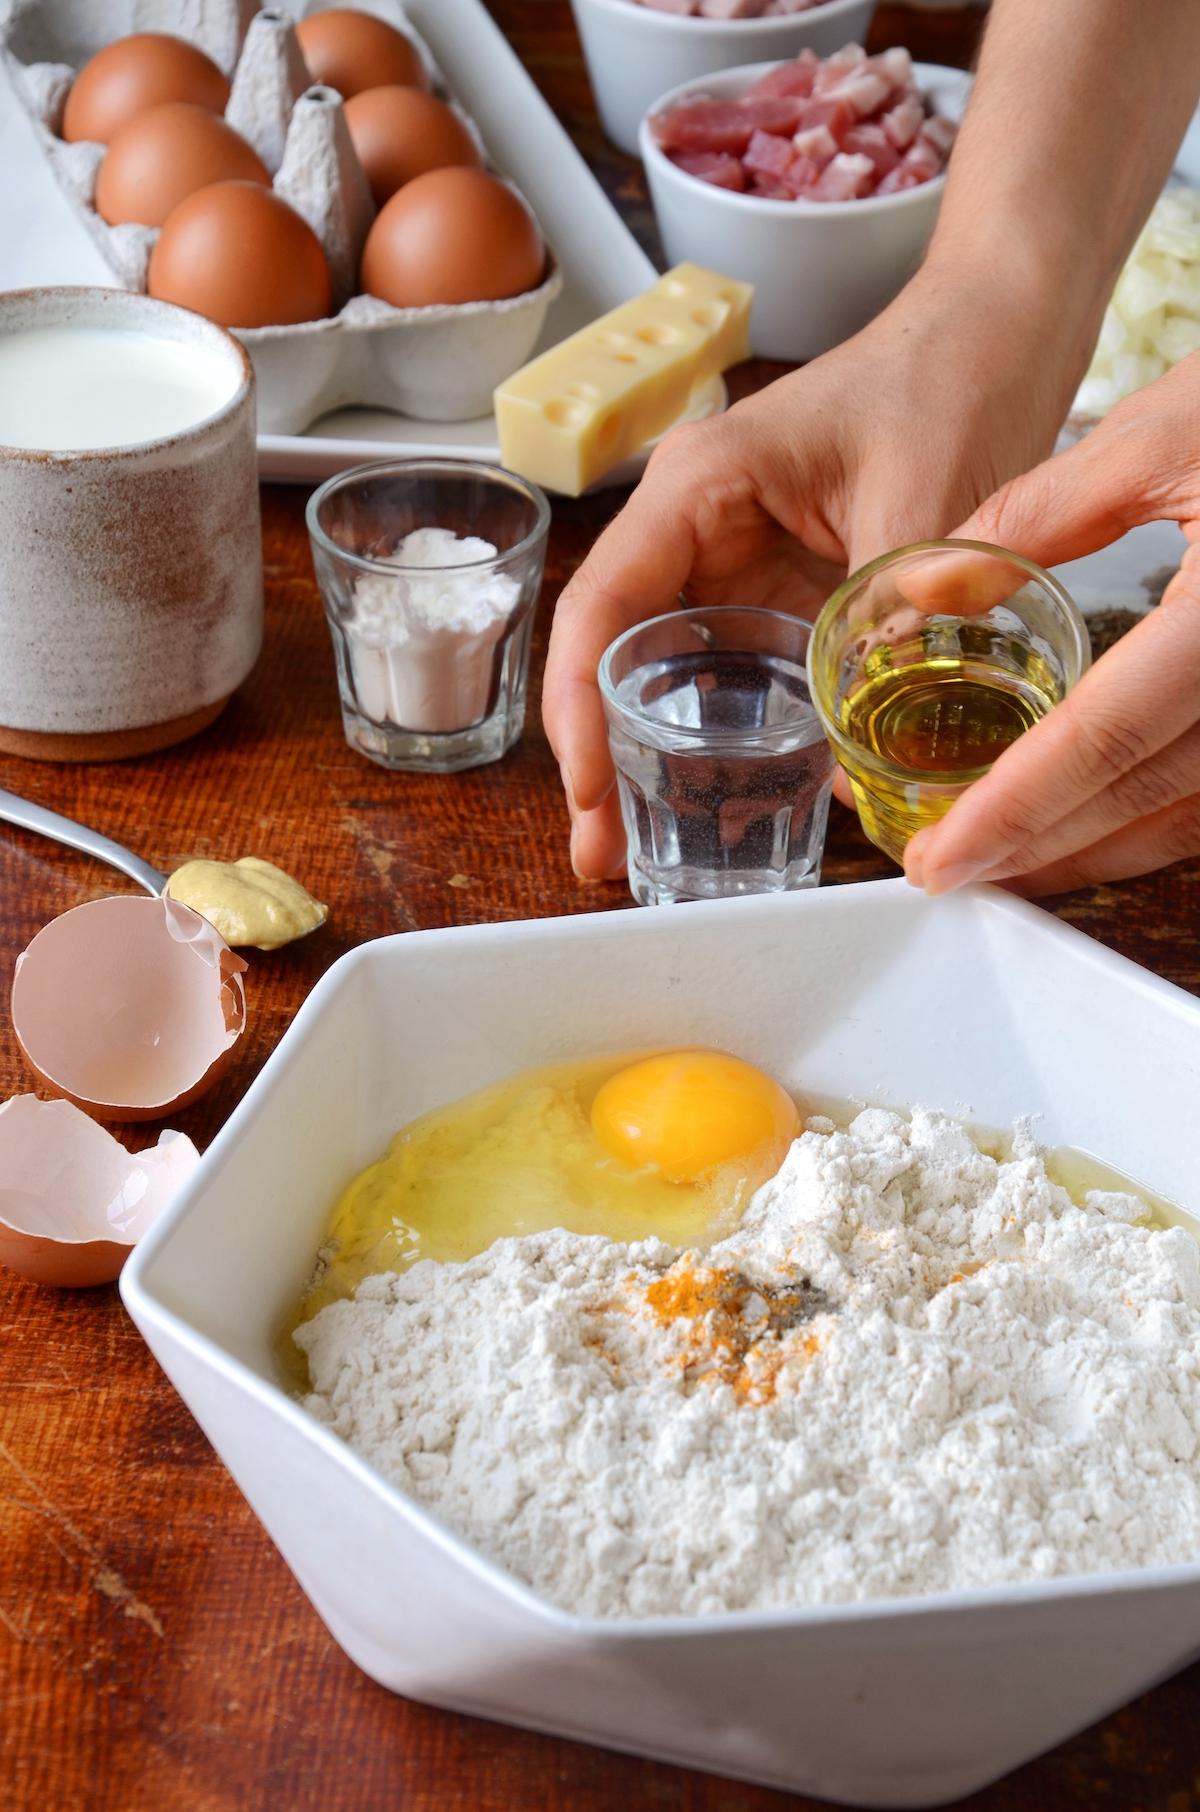 comment faire pâte brisée recette maison - blog clem around the corner